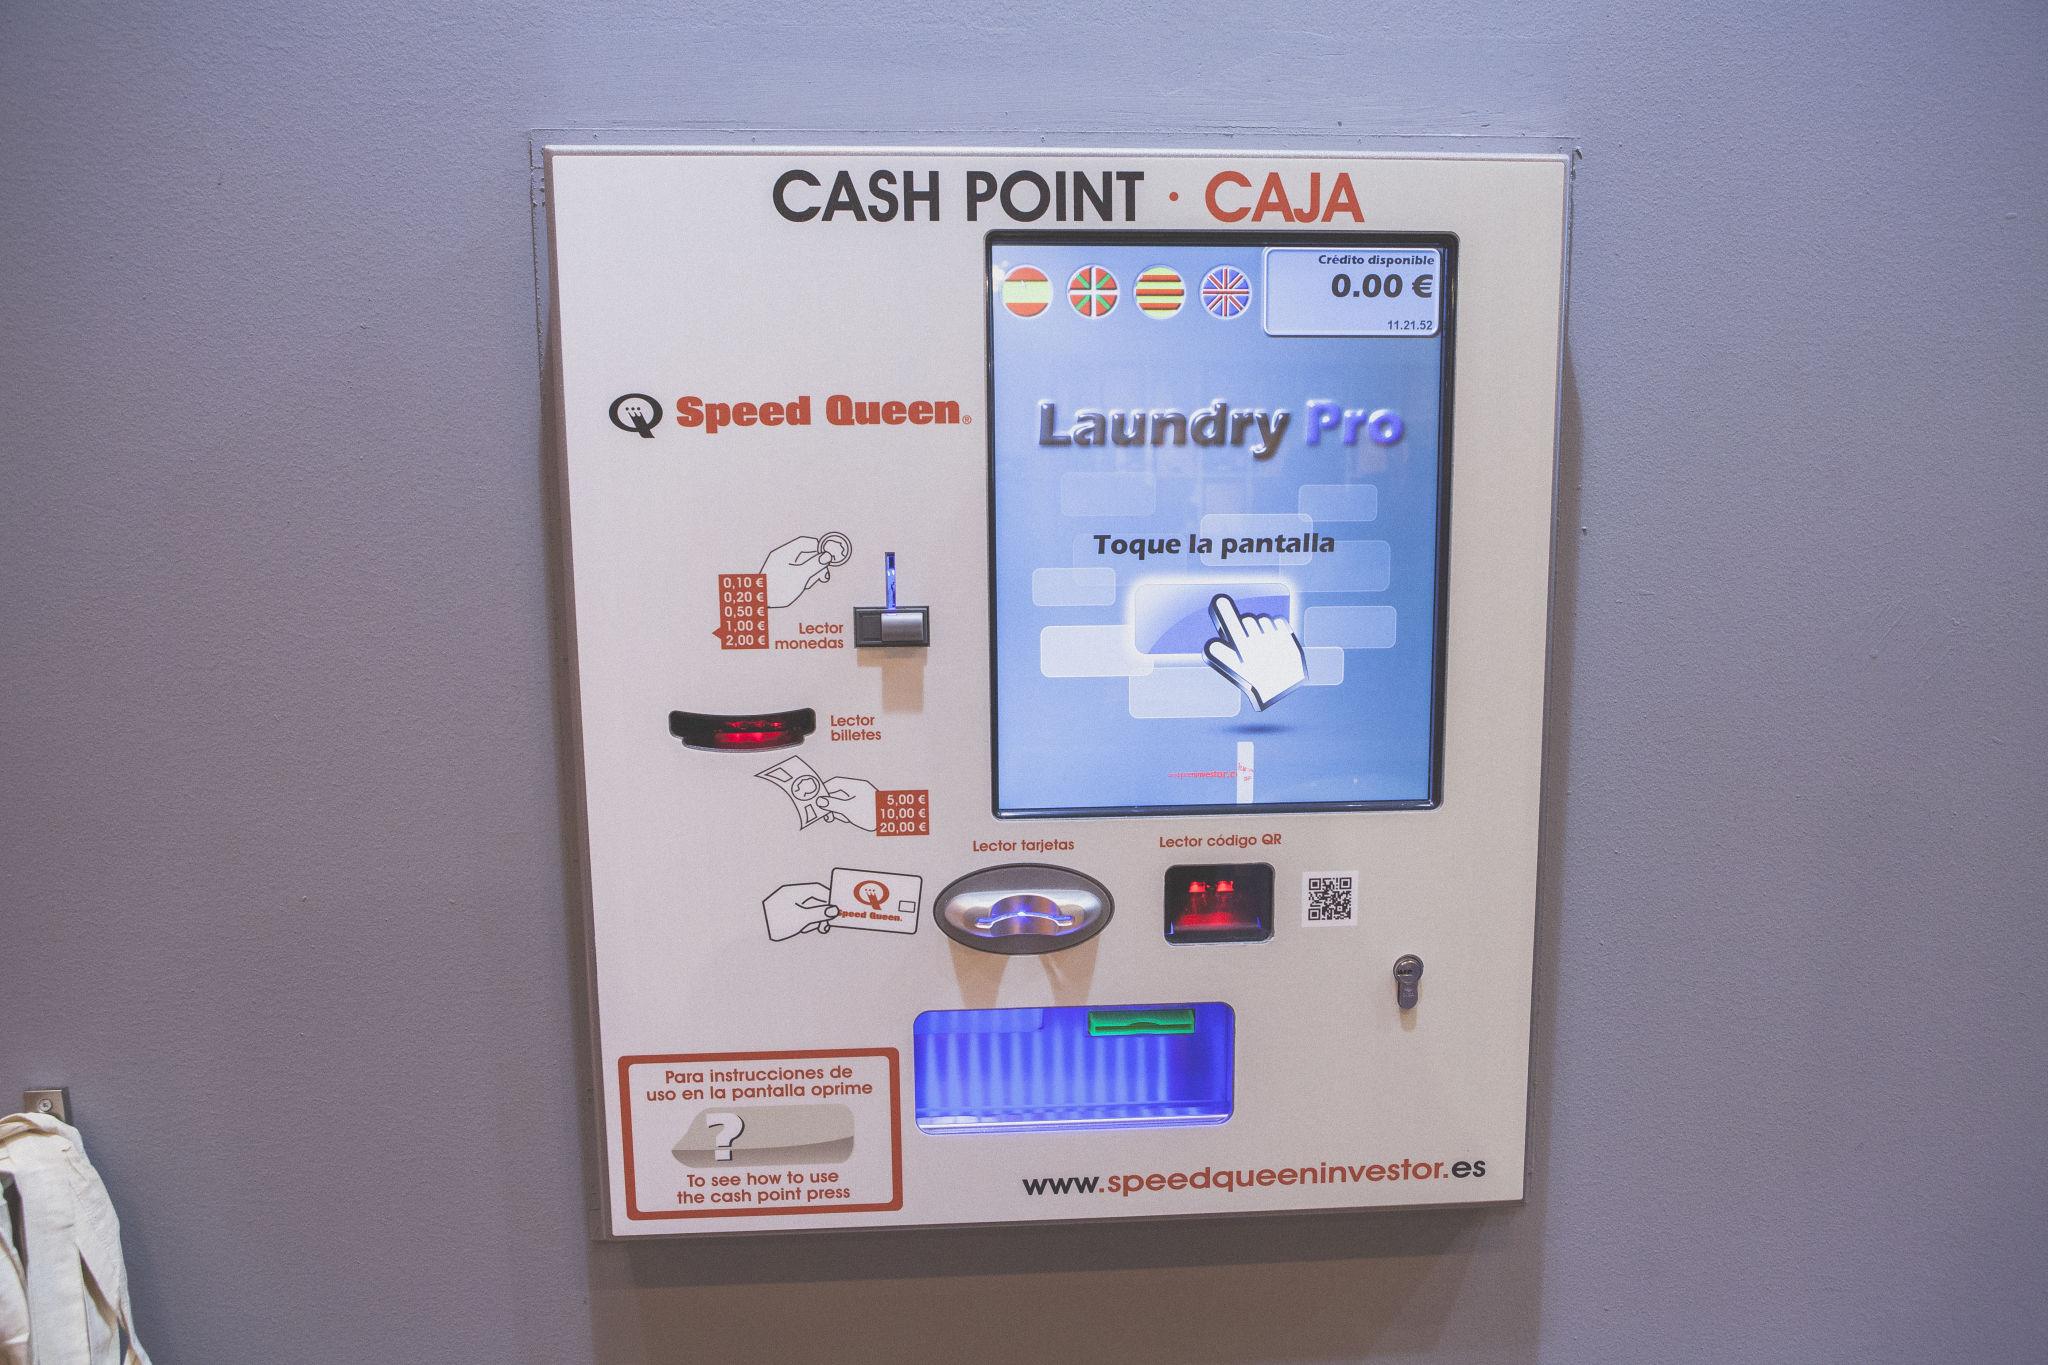 Máquina cash point Speed Queen en España